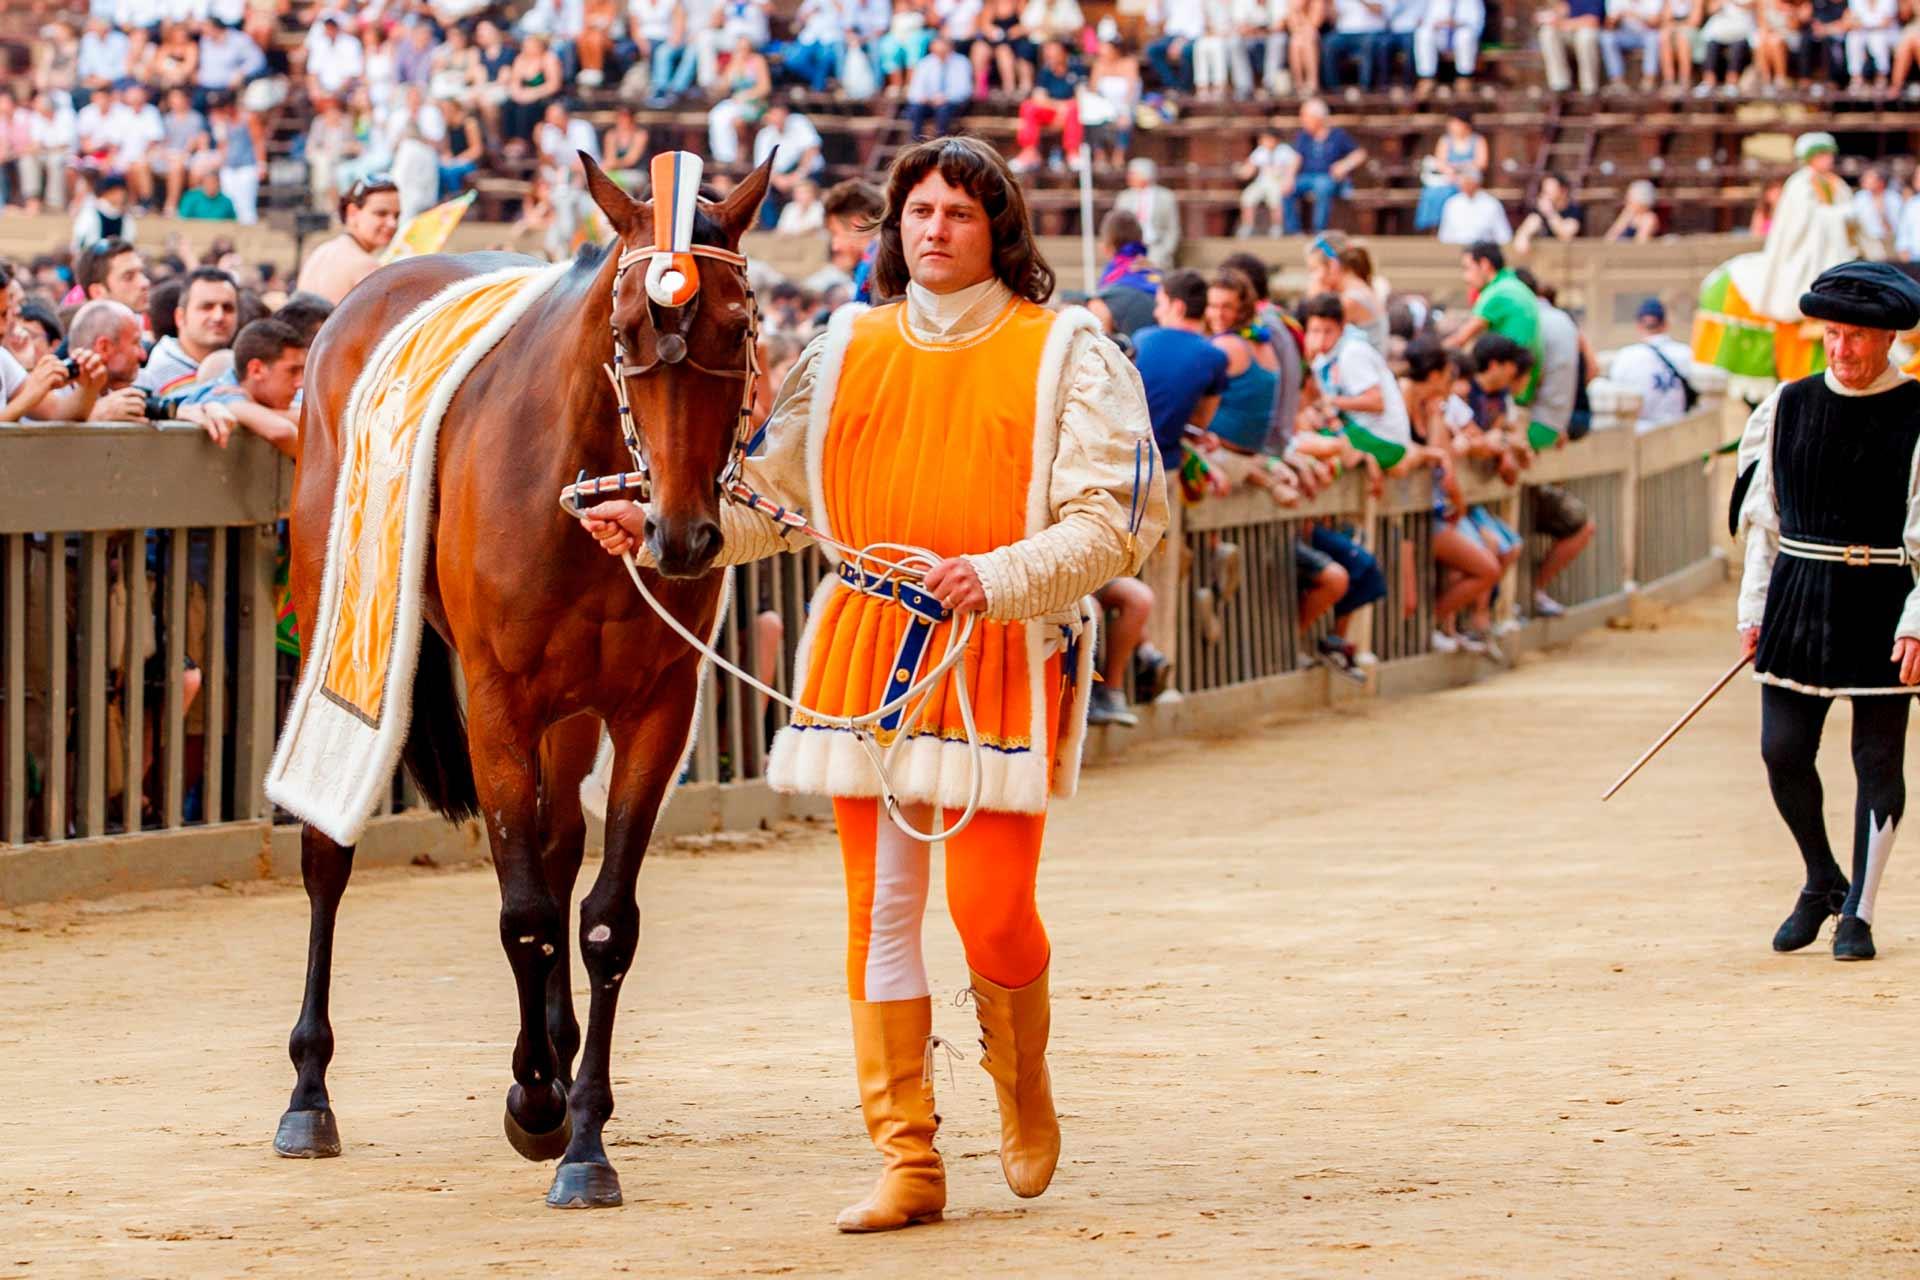 """EN PISTE POUR LA ?CARRI?RE? - Les chevaux de les """"CONTRADE"""" d?filent accompagn?s de leur Barbareschi."""